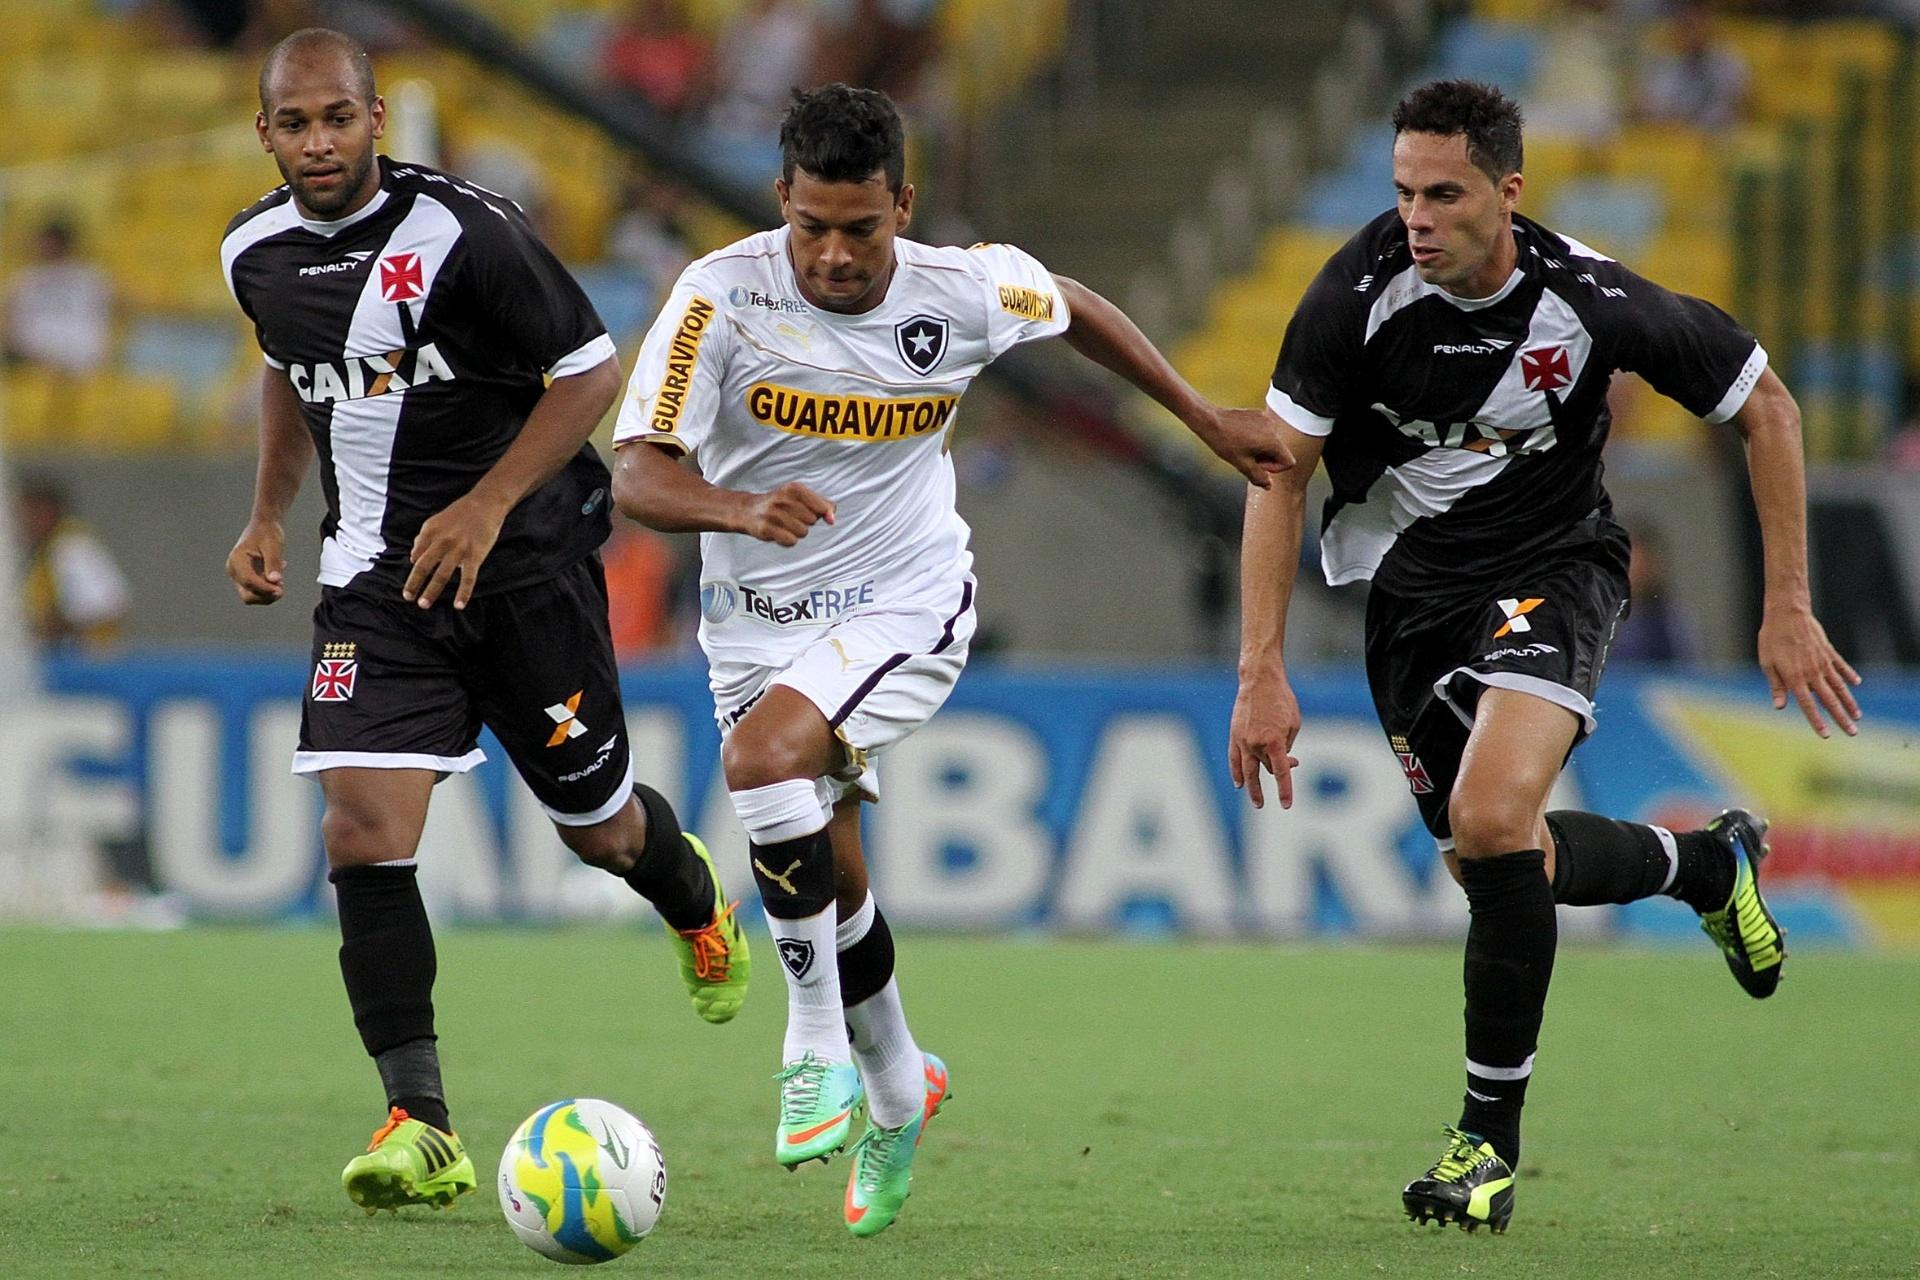 02.fev.2014 - Atacante Wallyson avança com a bola entre dois marcadores do Vasco da Gama, no Estádio do Maracanã